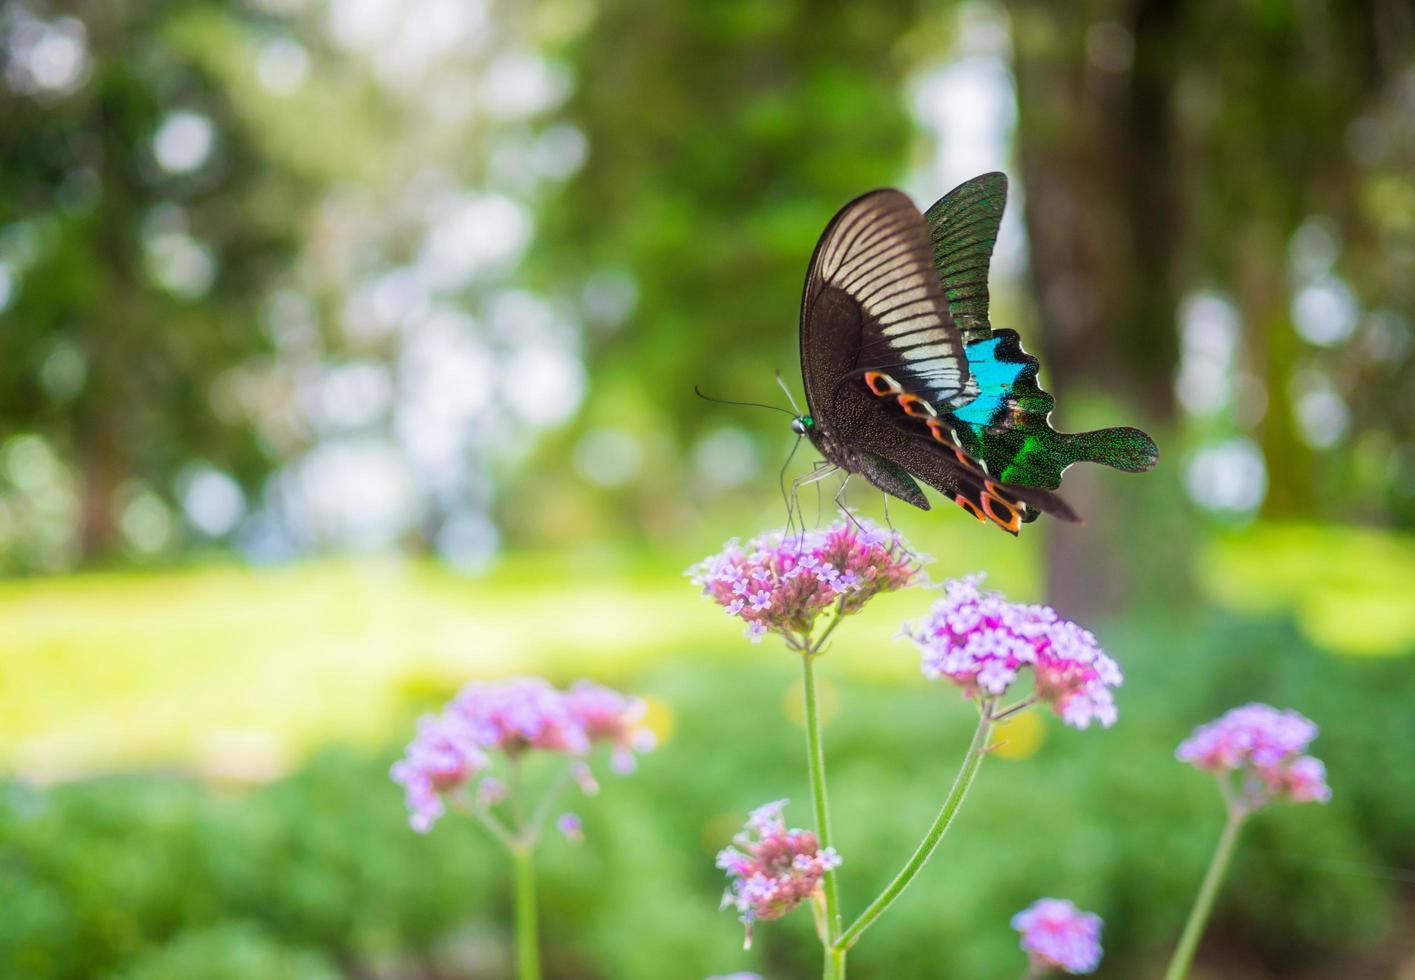 hermosa mariposa aterrizando en flores rosadas foto